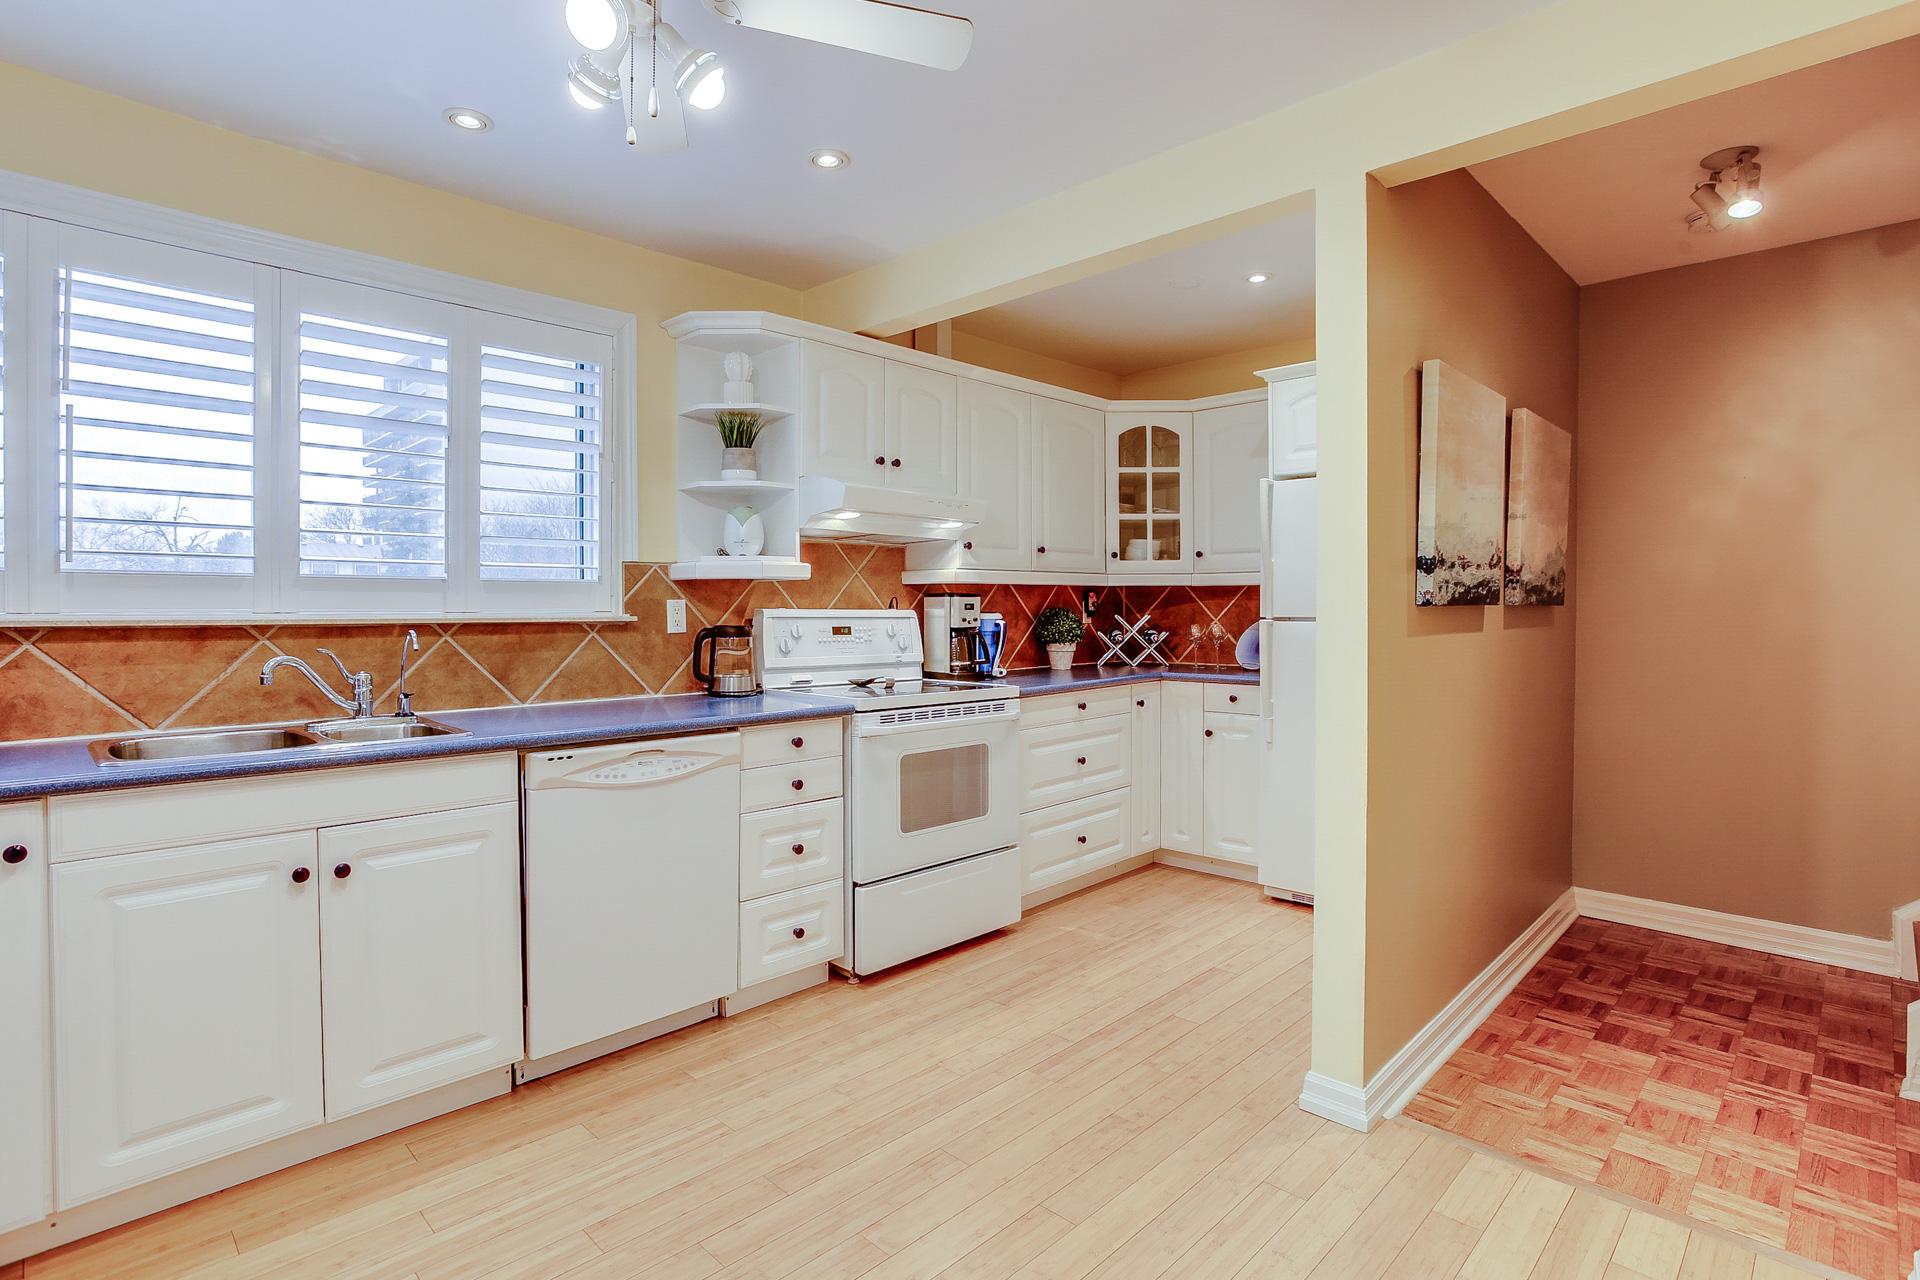 21_kitchen4.jpg